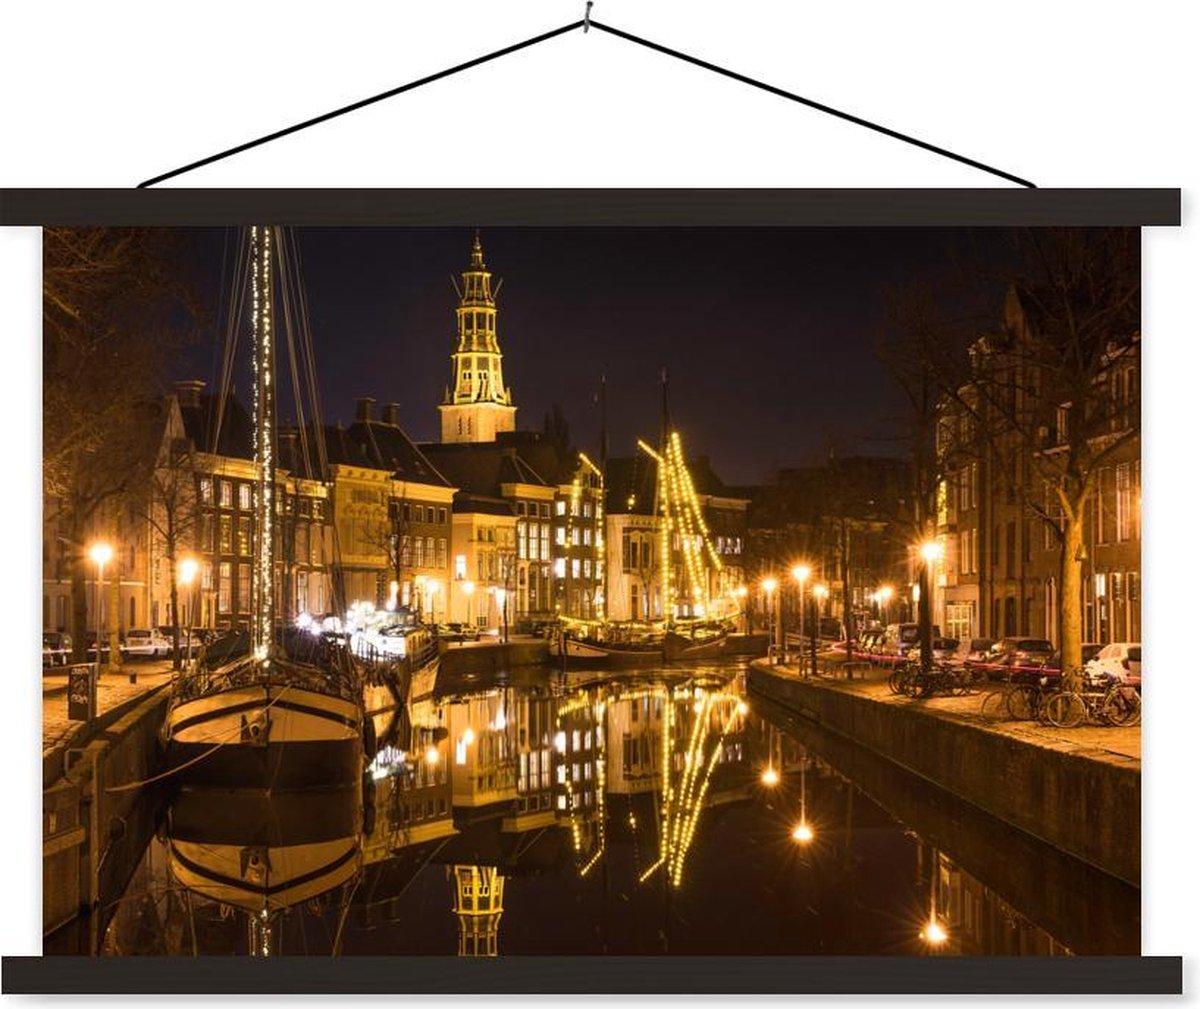 Avondlichten steken het kanaal in Groningen aan schoolplaat platte latten zwart 60x40 cm - Foto print op textielposter (wanddecoratie woonkamer/slaapkamer)